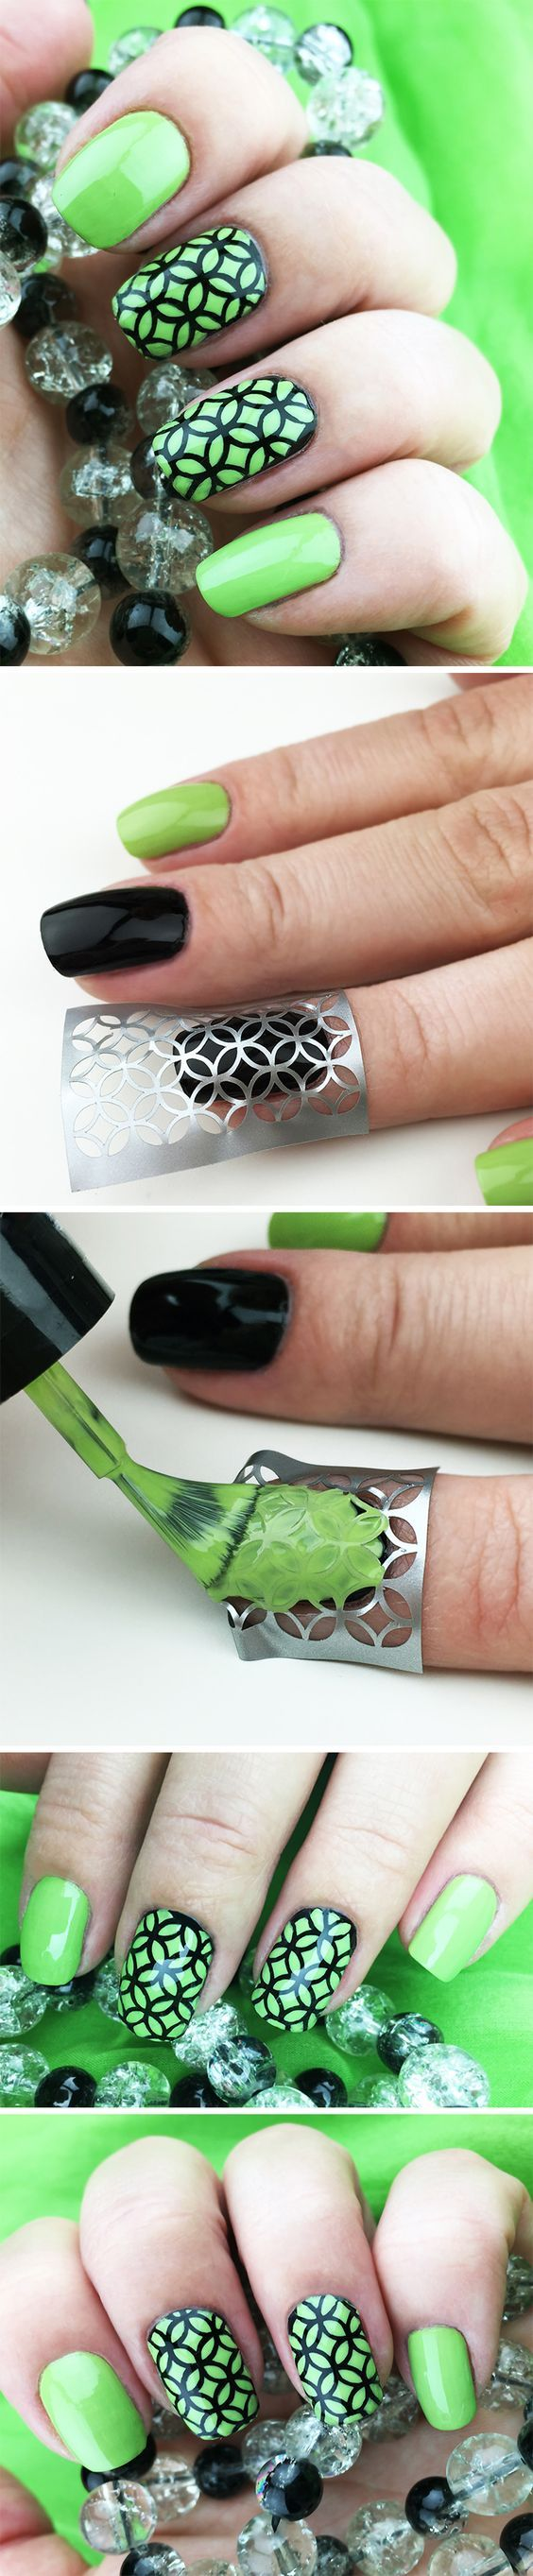 Mejores 263 imágenes de nails en Pinterest | Diseños artísticos en ...